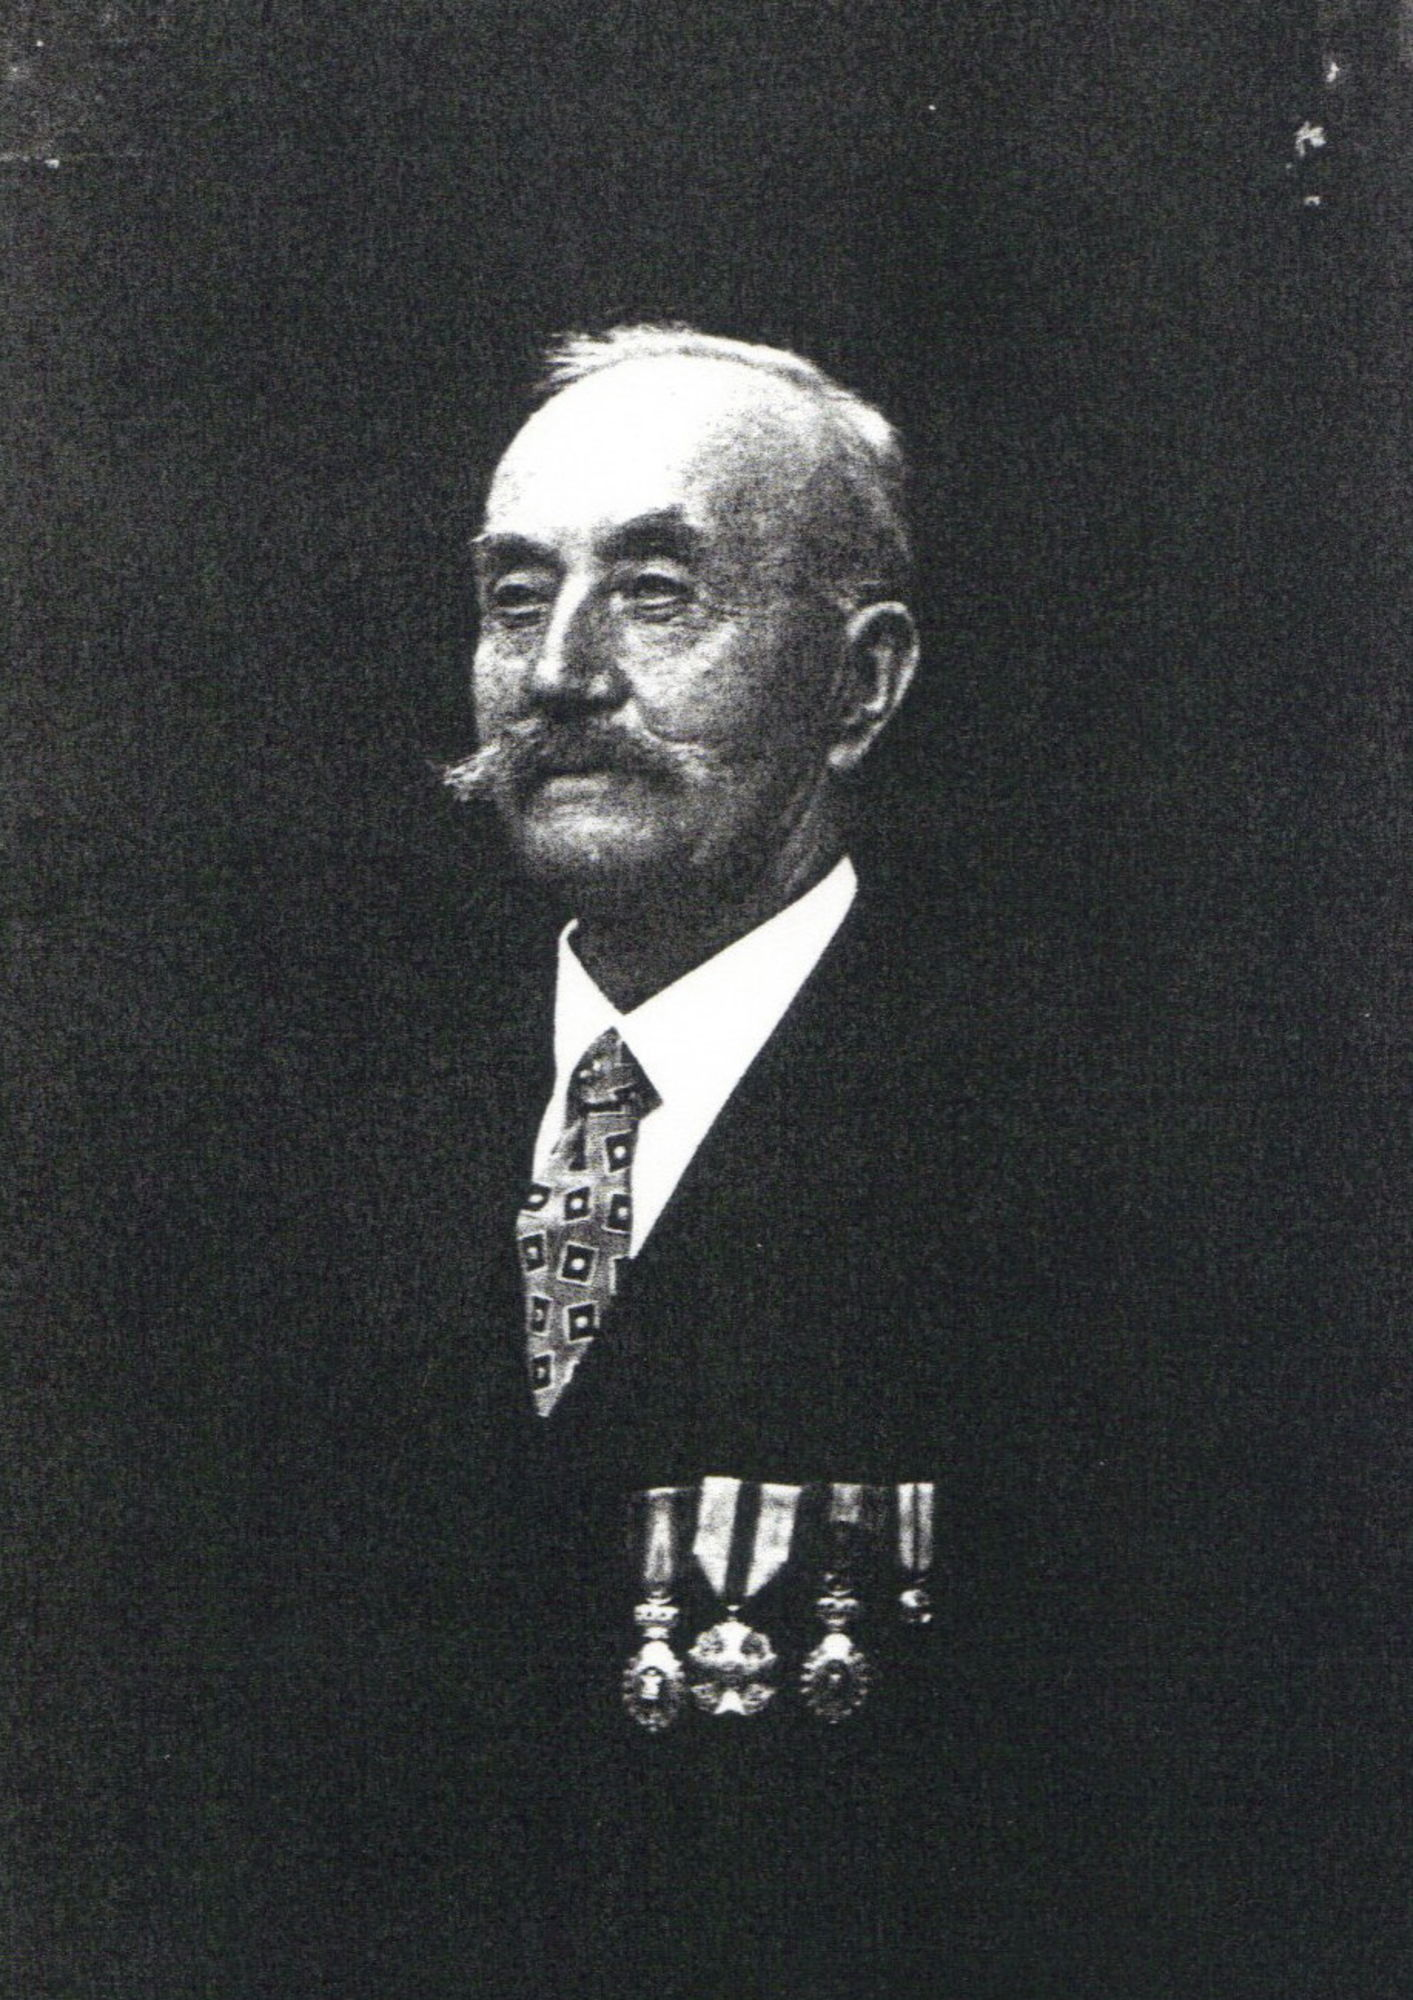 Camiel Beeusaert